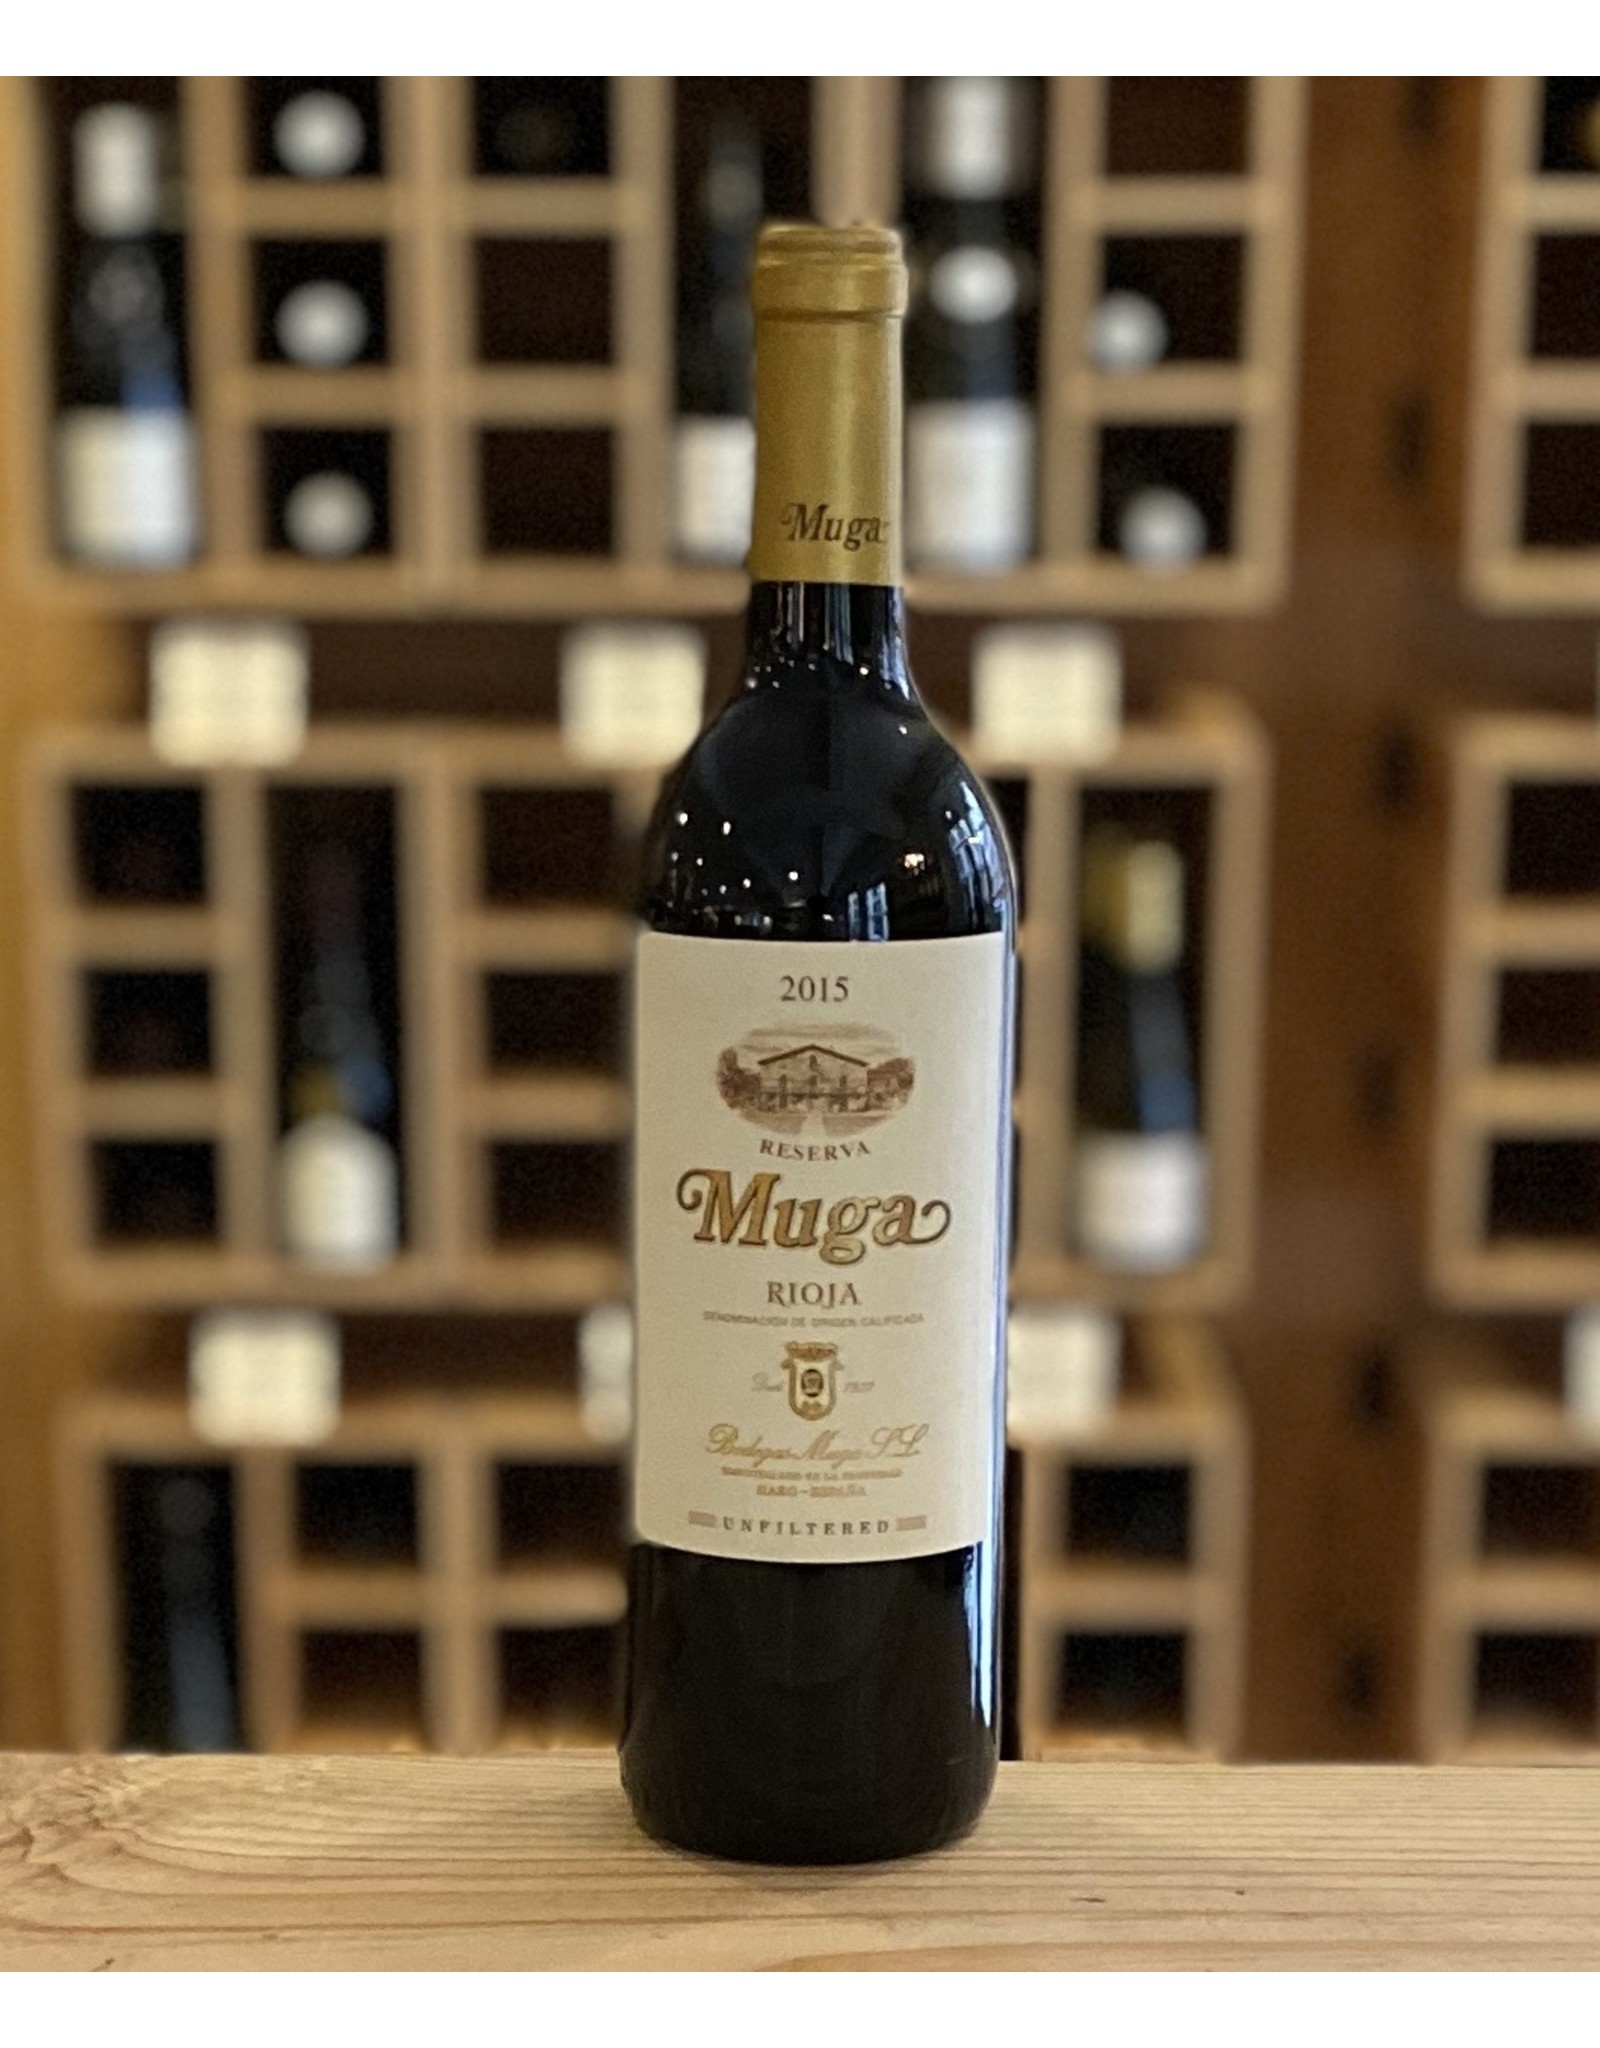 Rioja Muga Rioja Reserva 2016 - Rioja, Spain